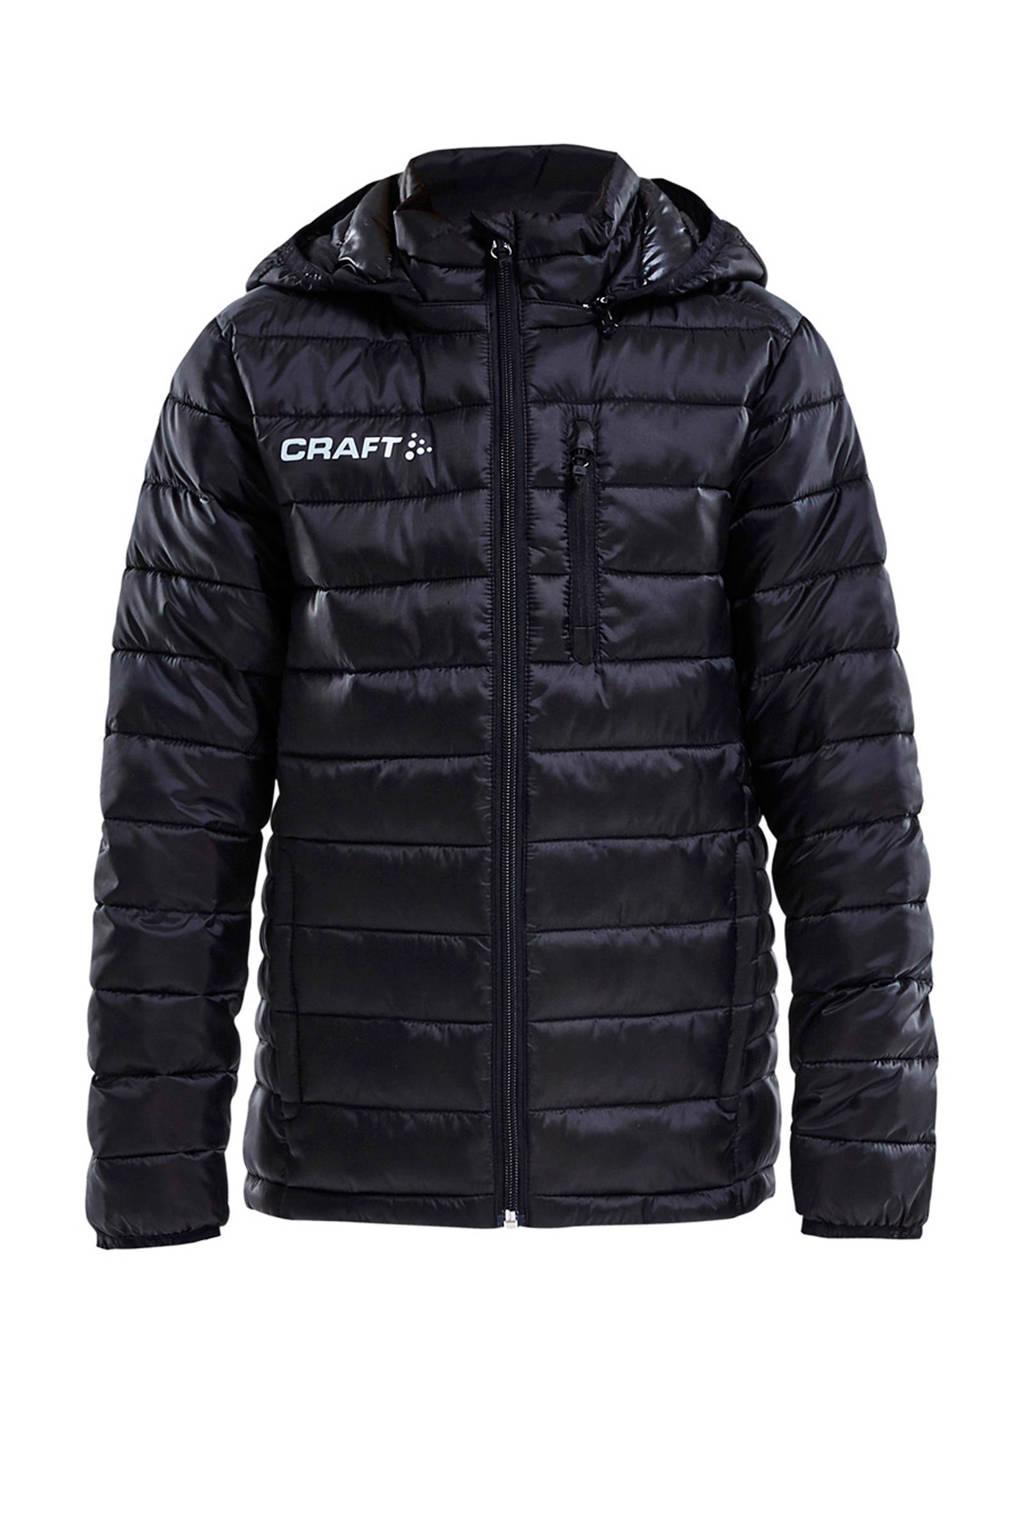 Craft Junior  sportjack, Zwart